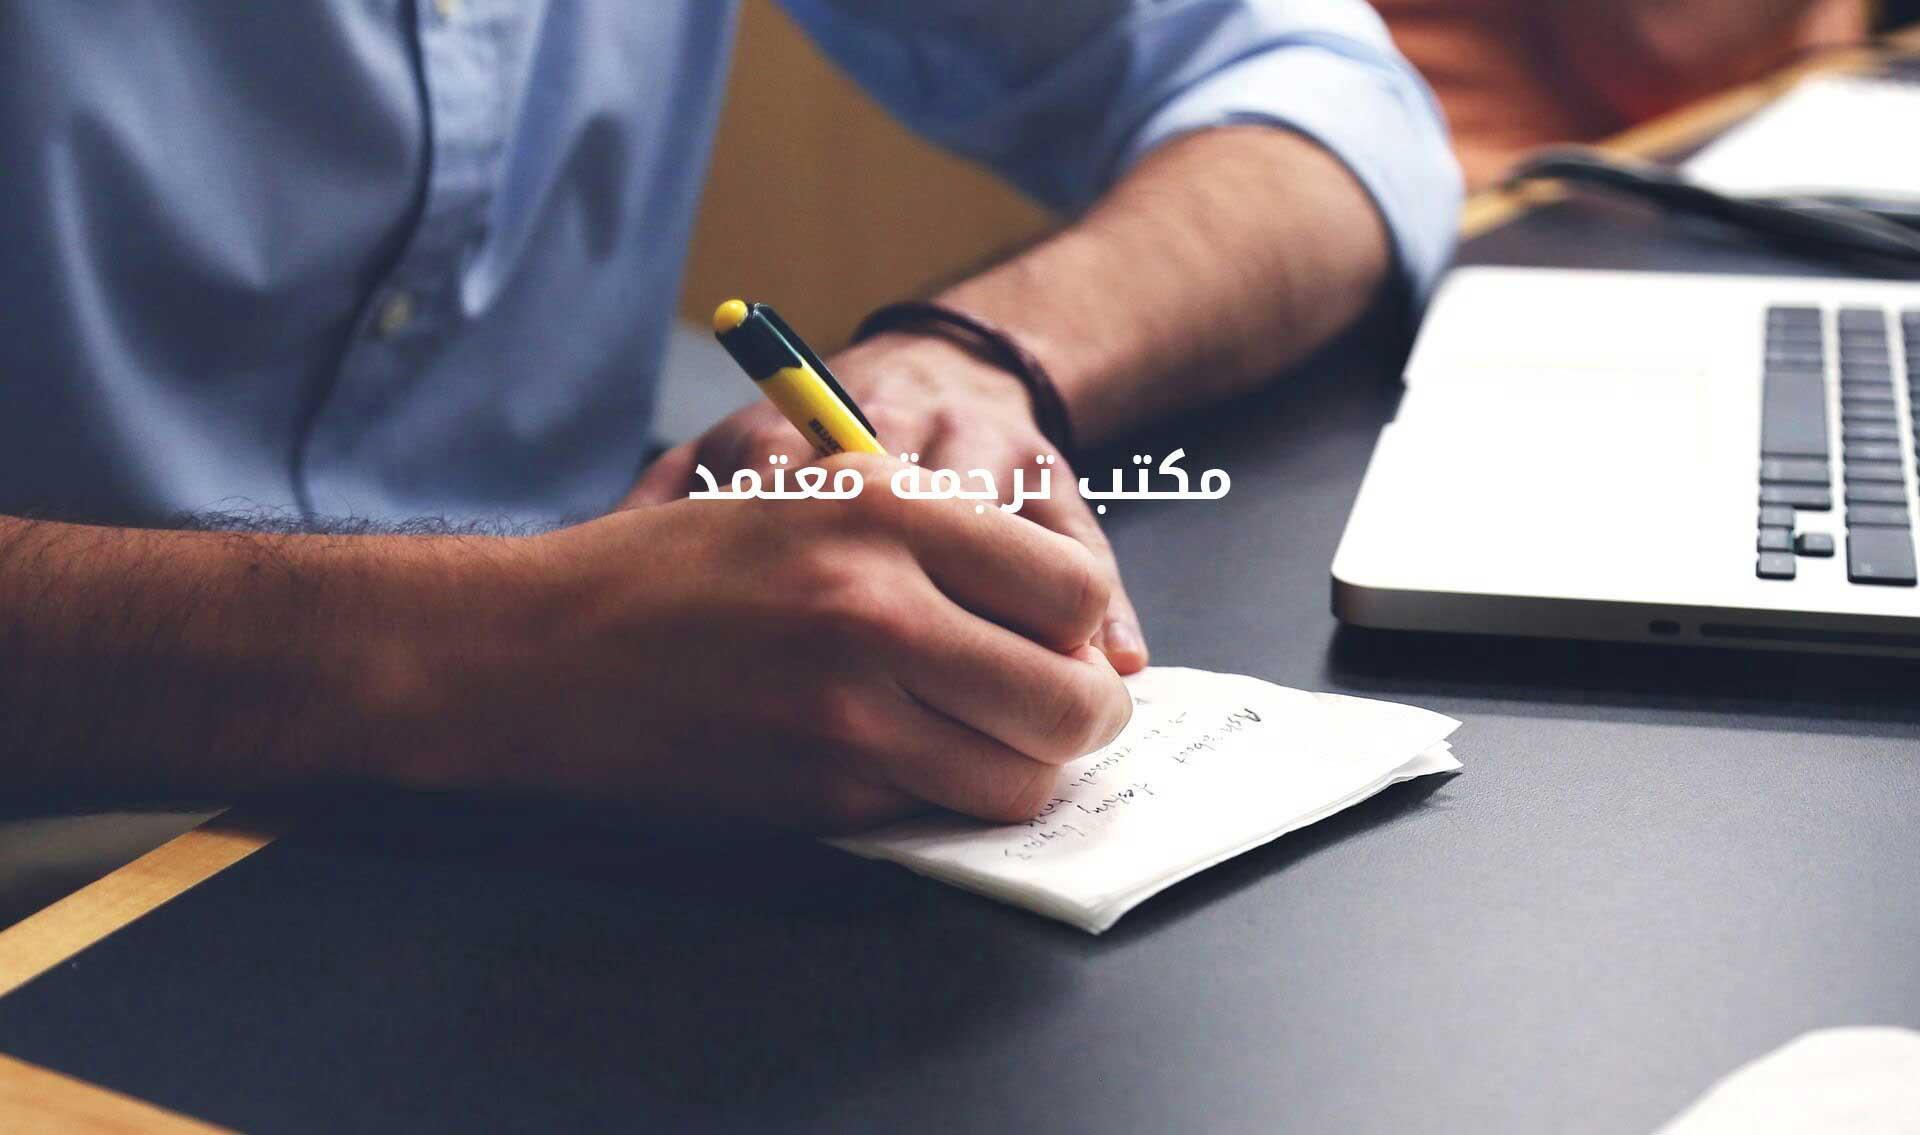 مكاتب ترجمة في الرياض